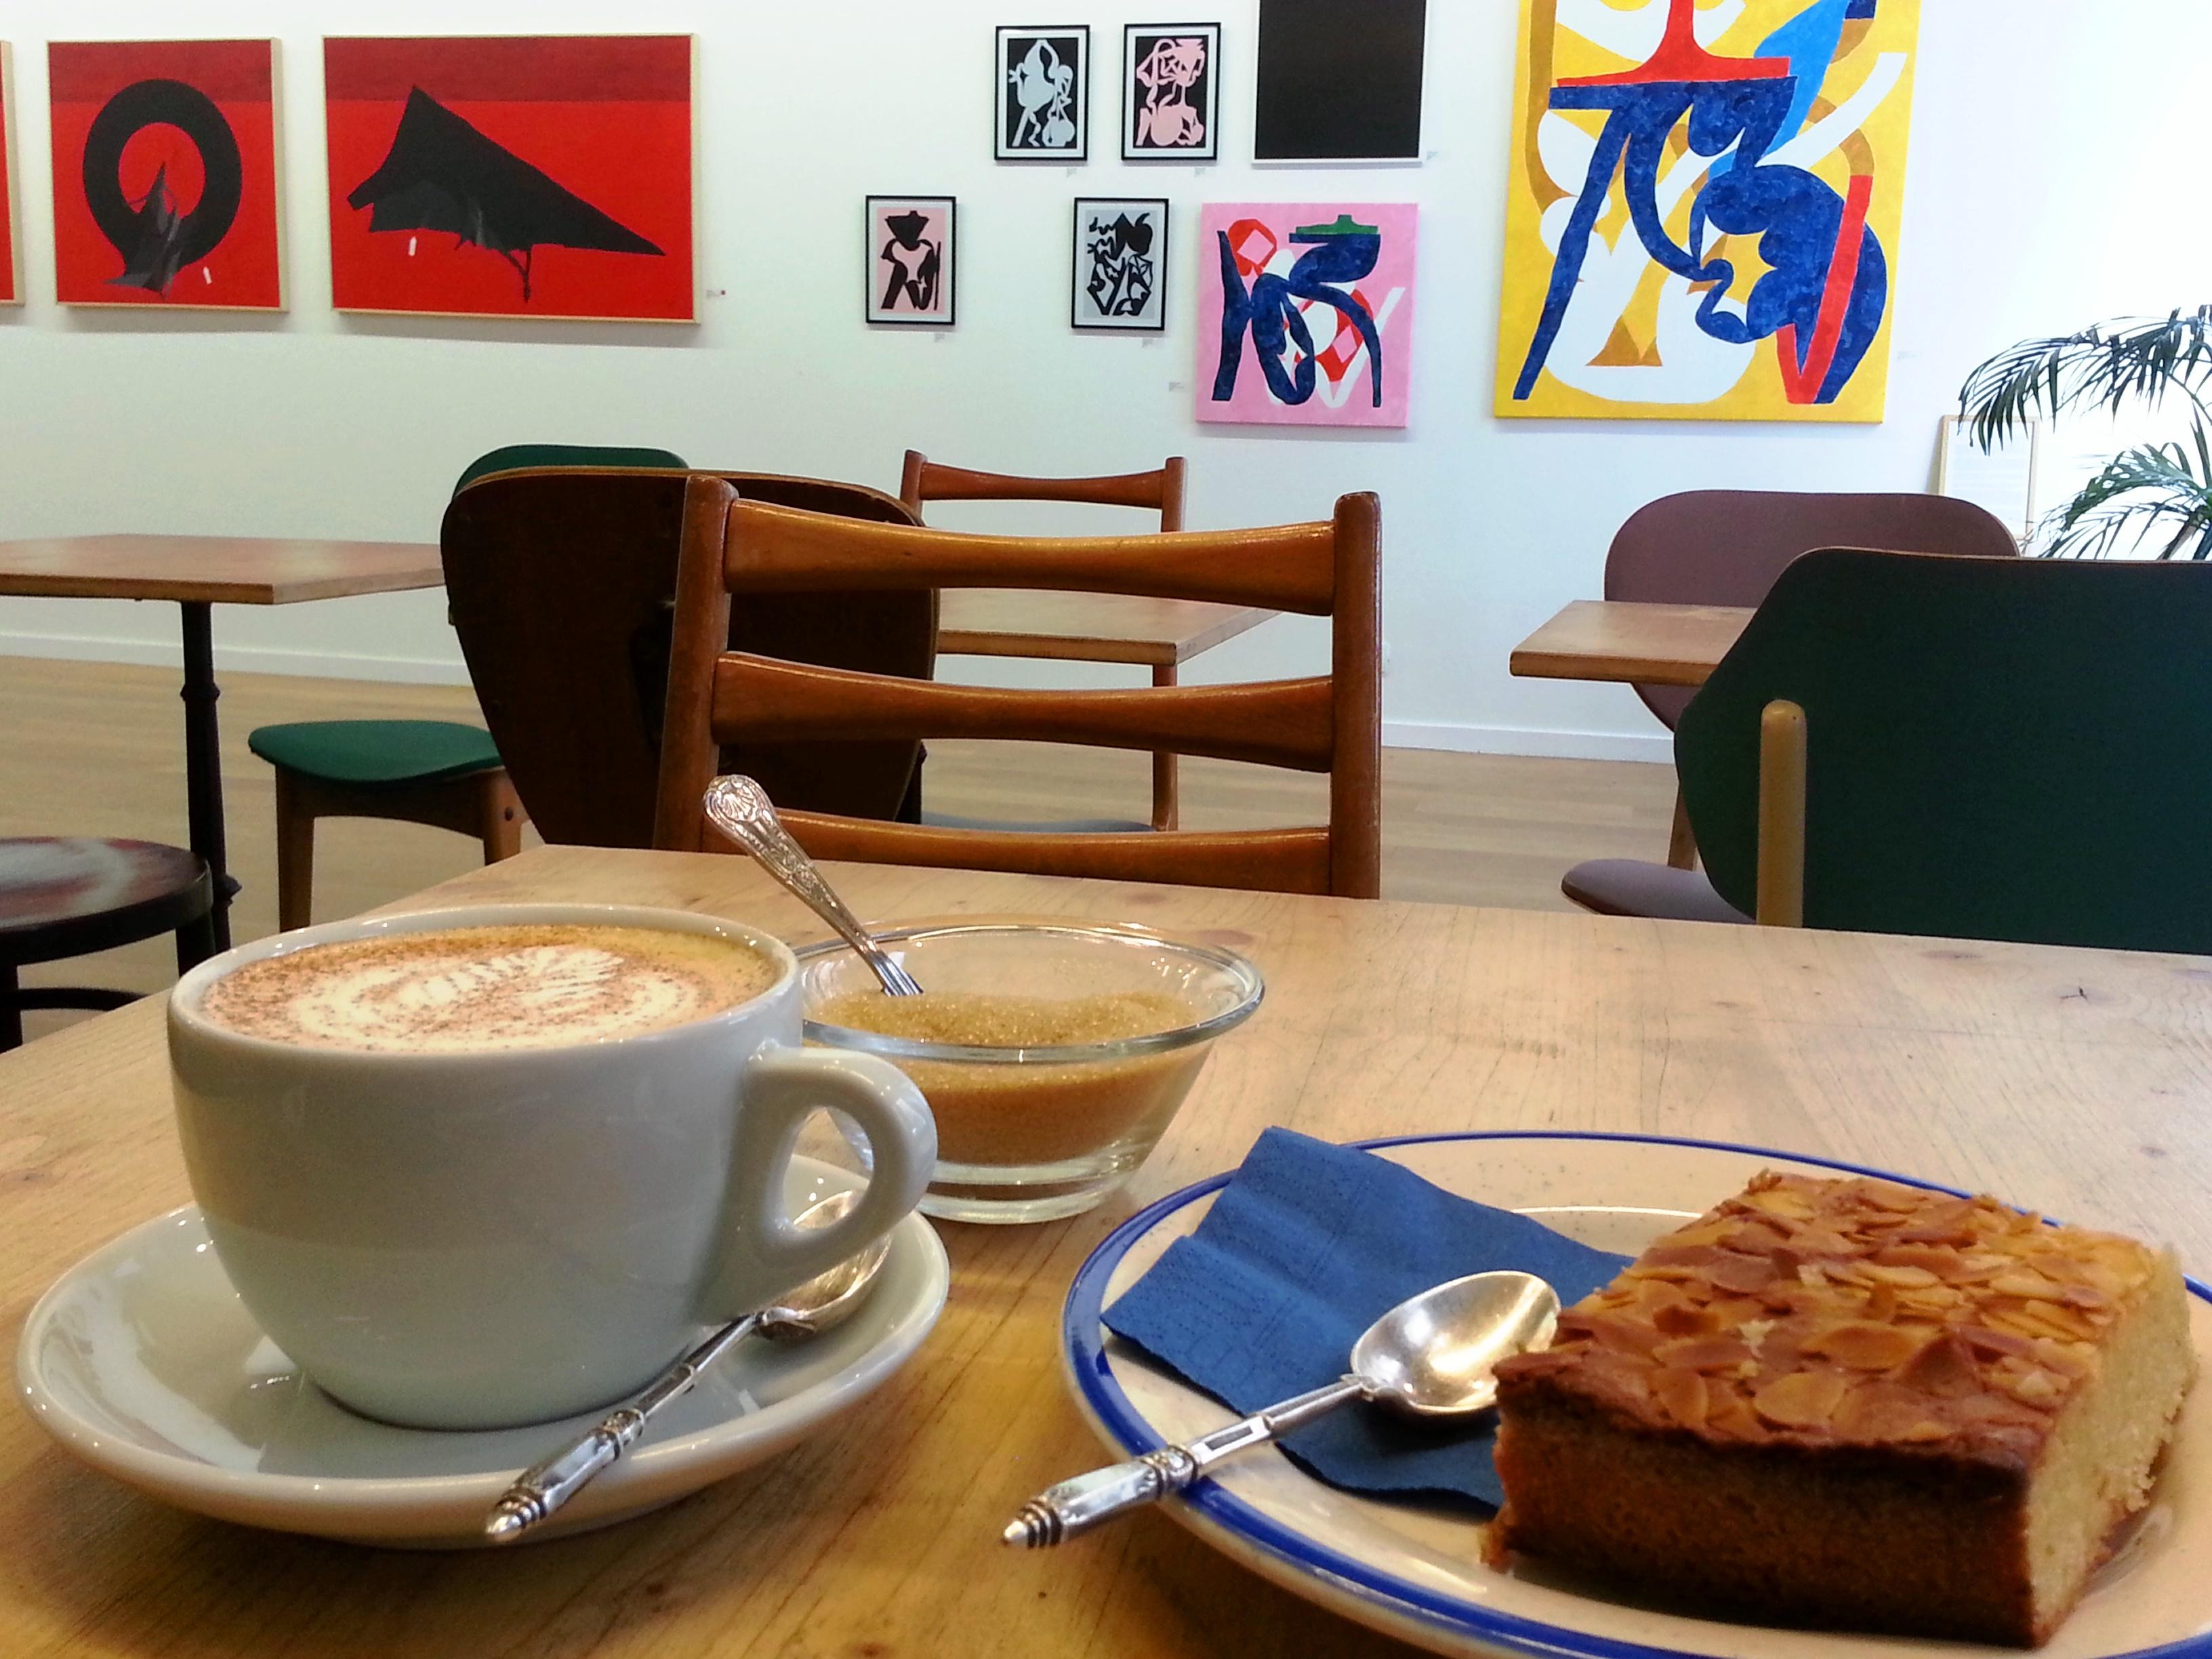 chai tea latte gateau aux amandes slika galerie lyon presqu'ile